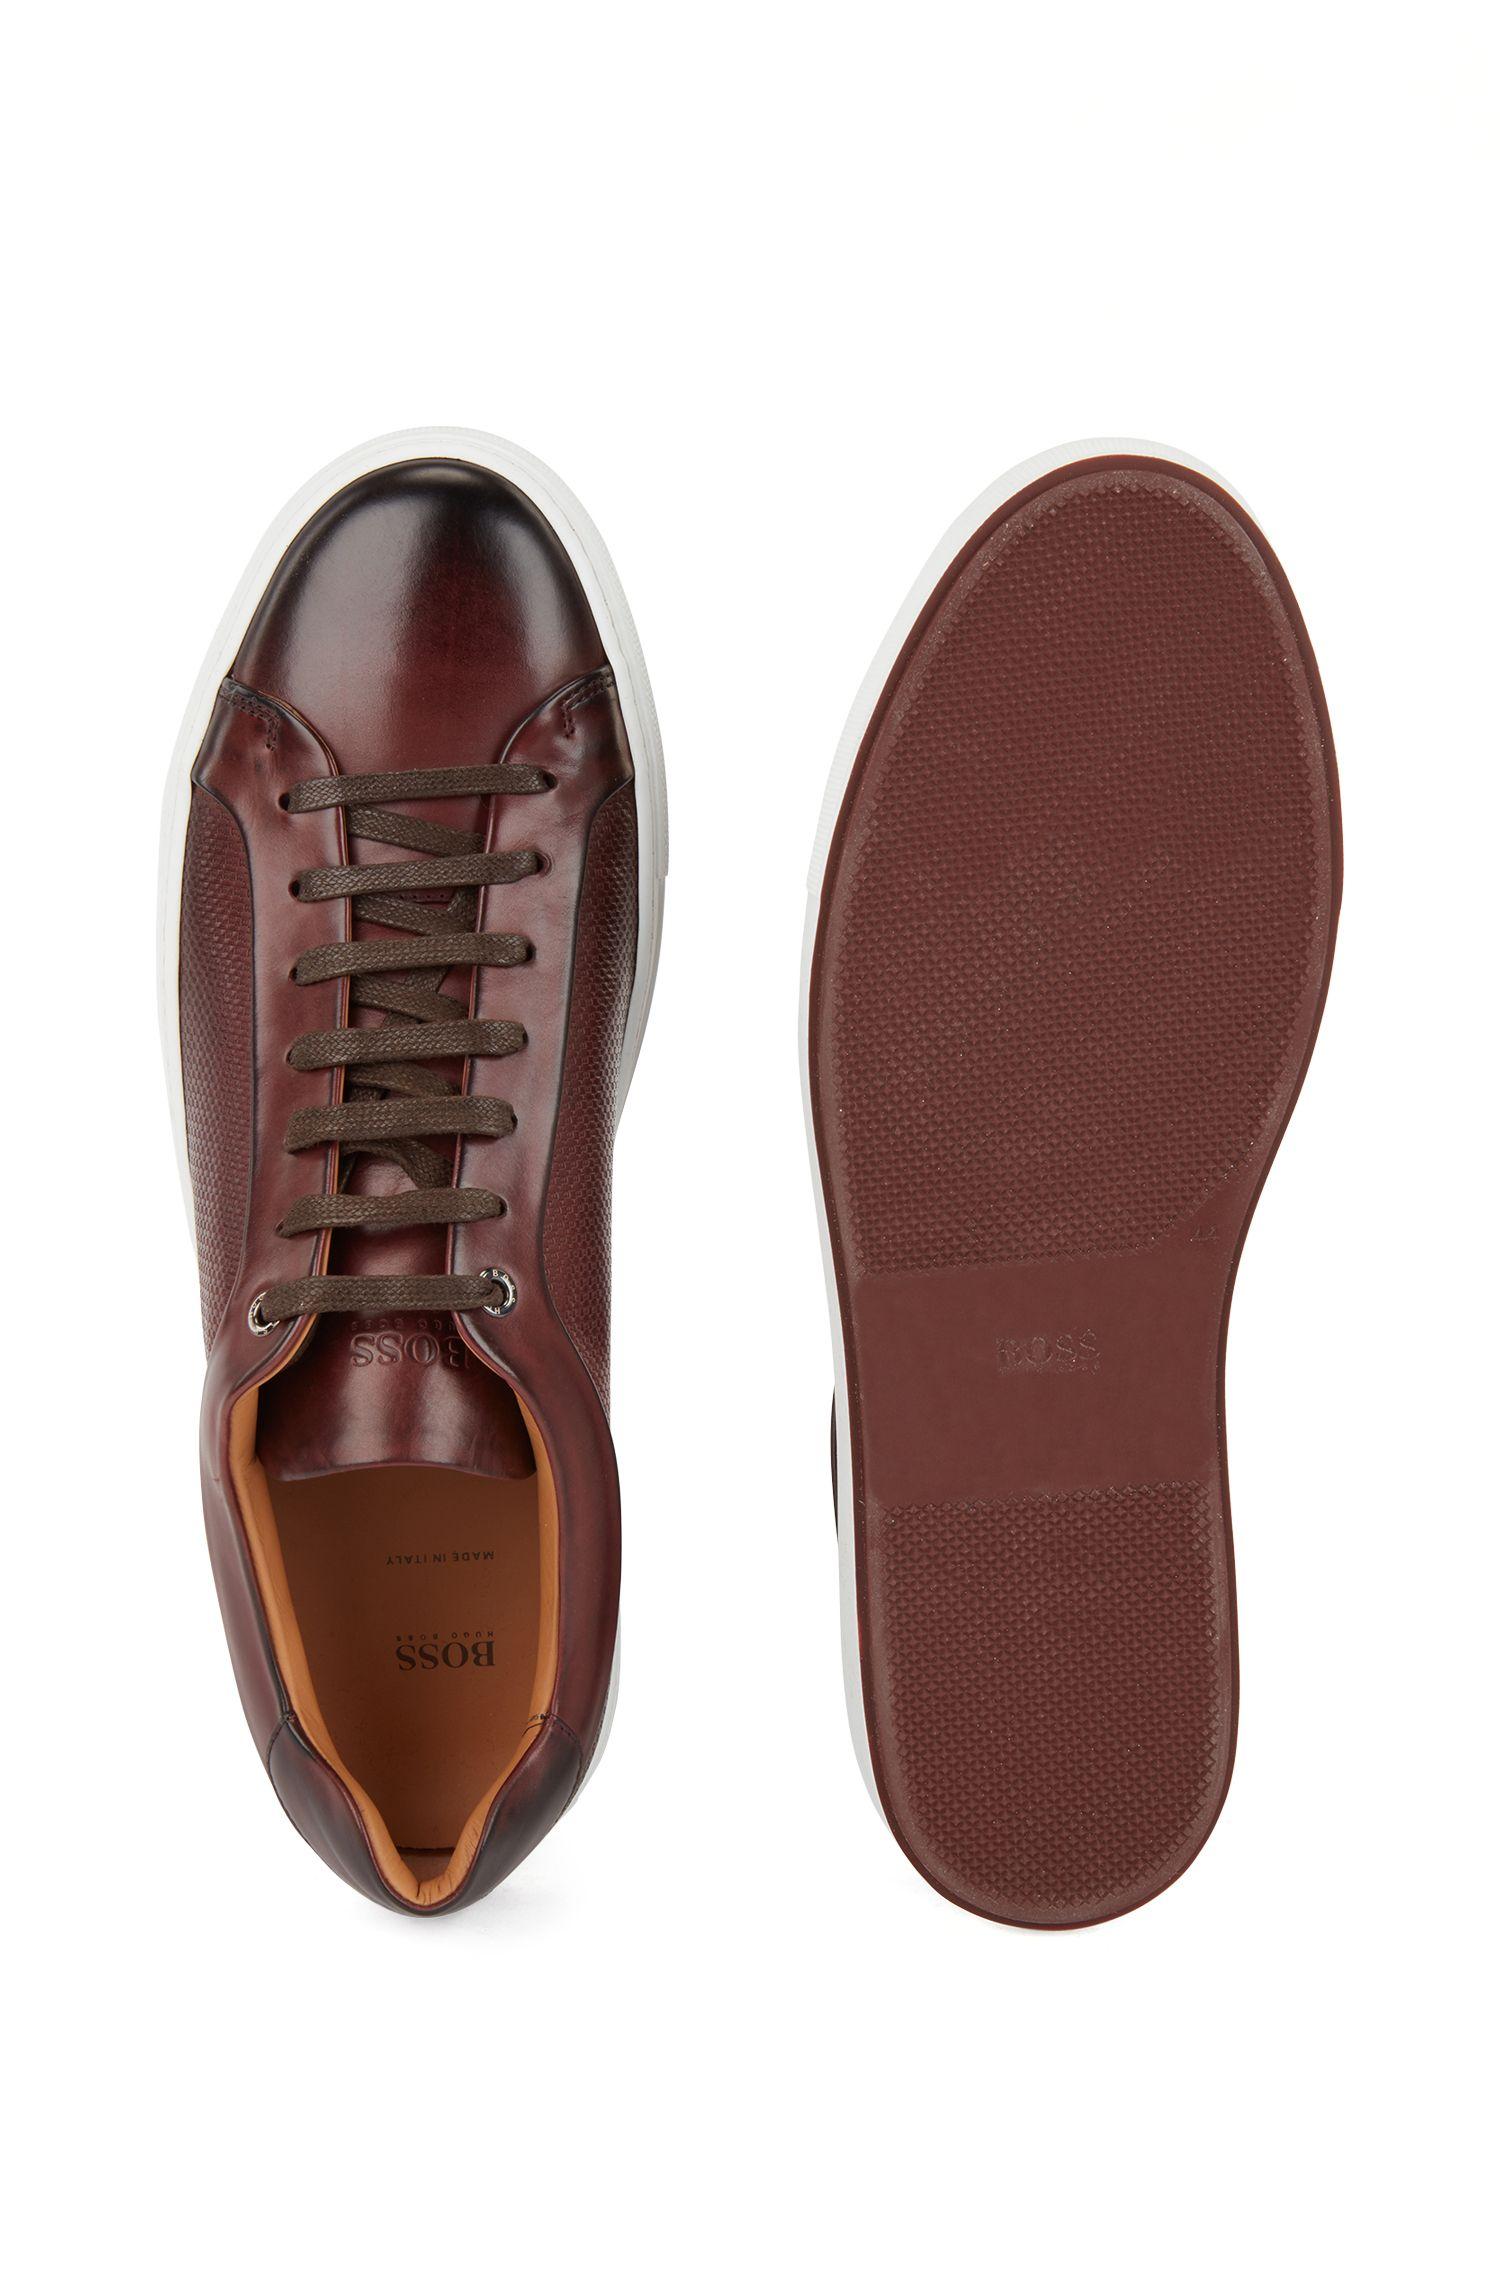 Zapatillas de tenis de piel de becerro con paneles de monogramas grabados, Rojo oscuro